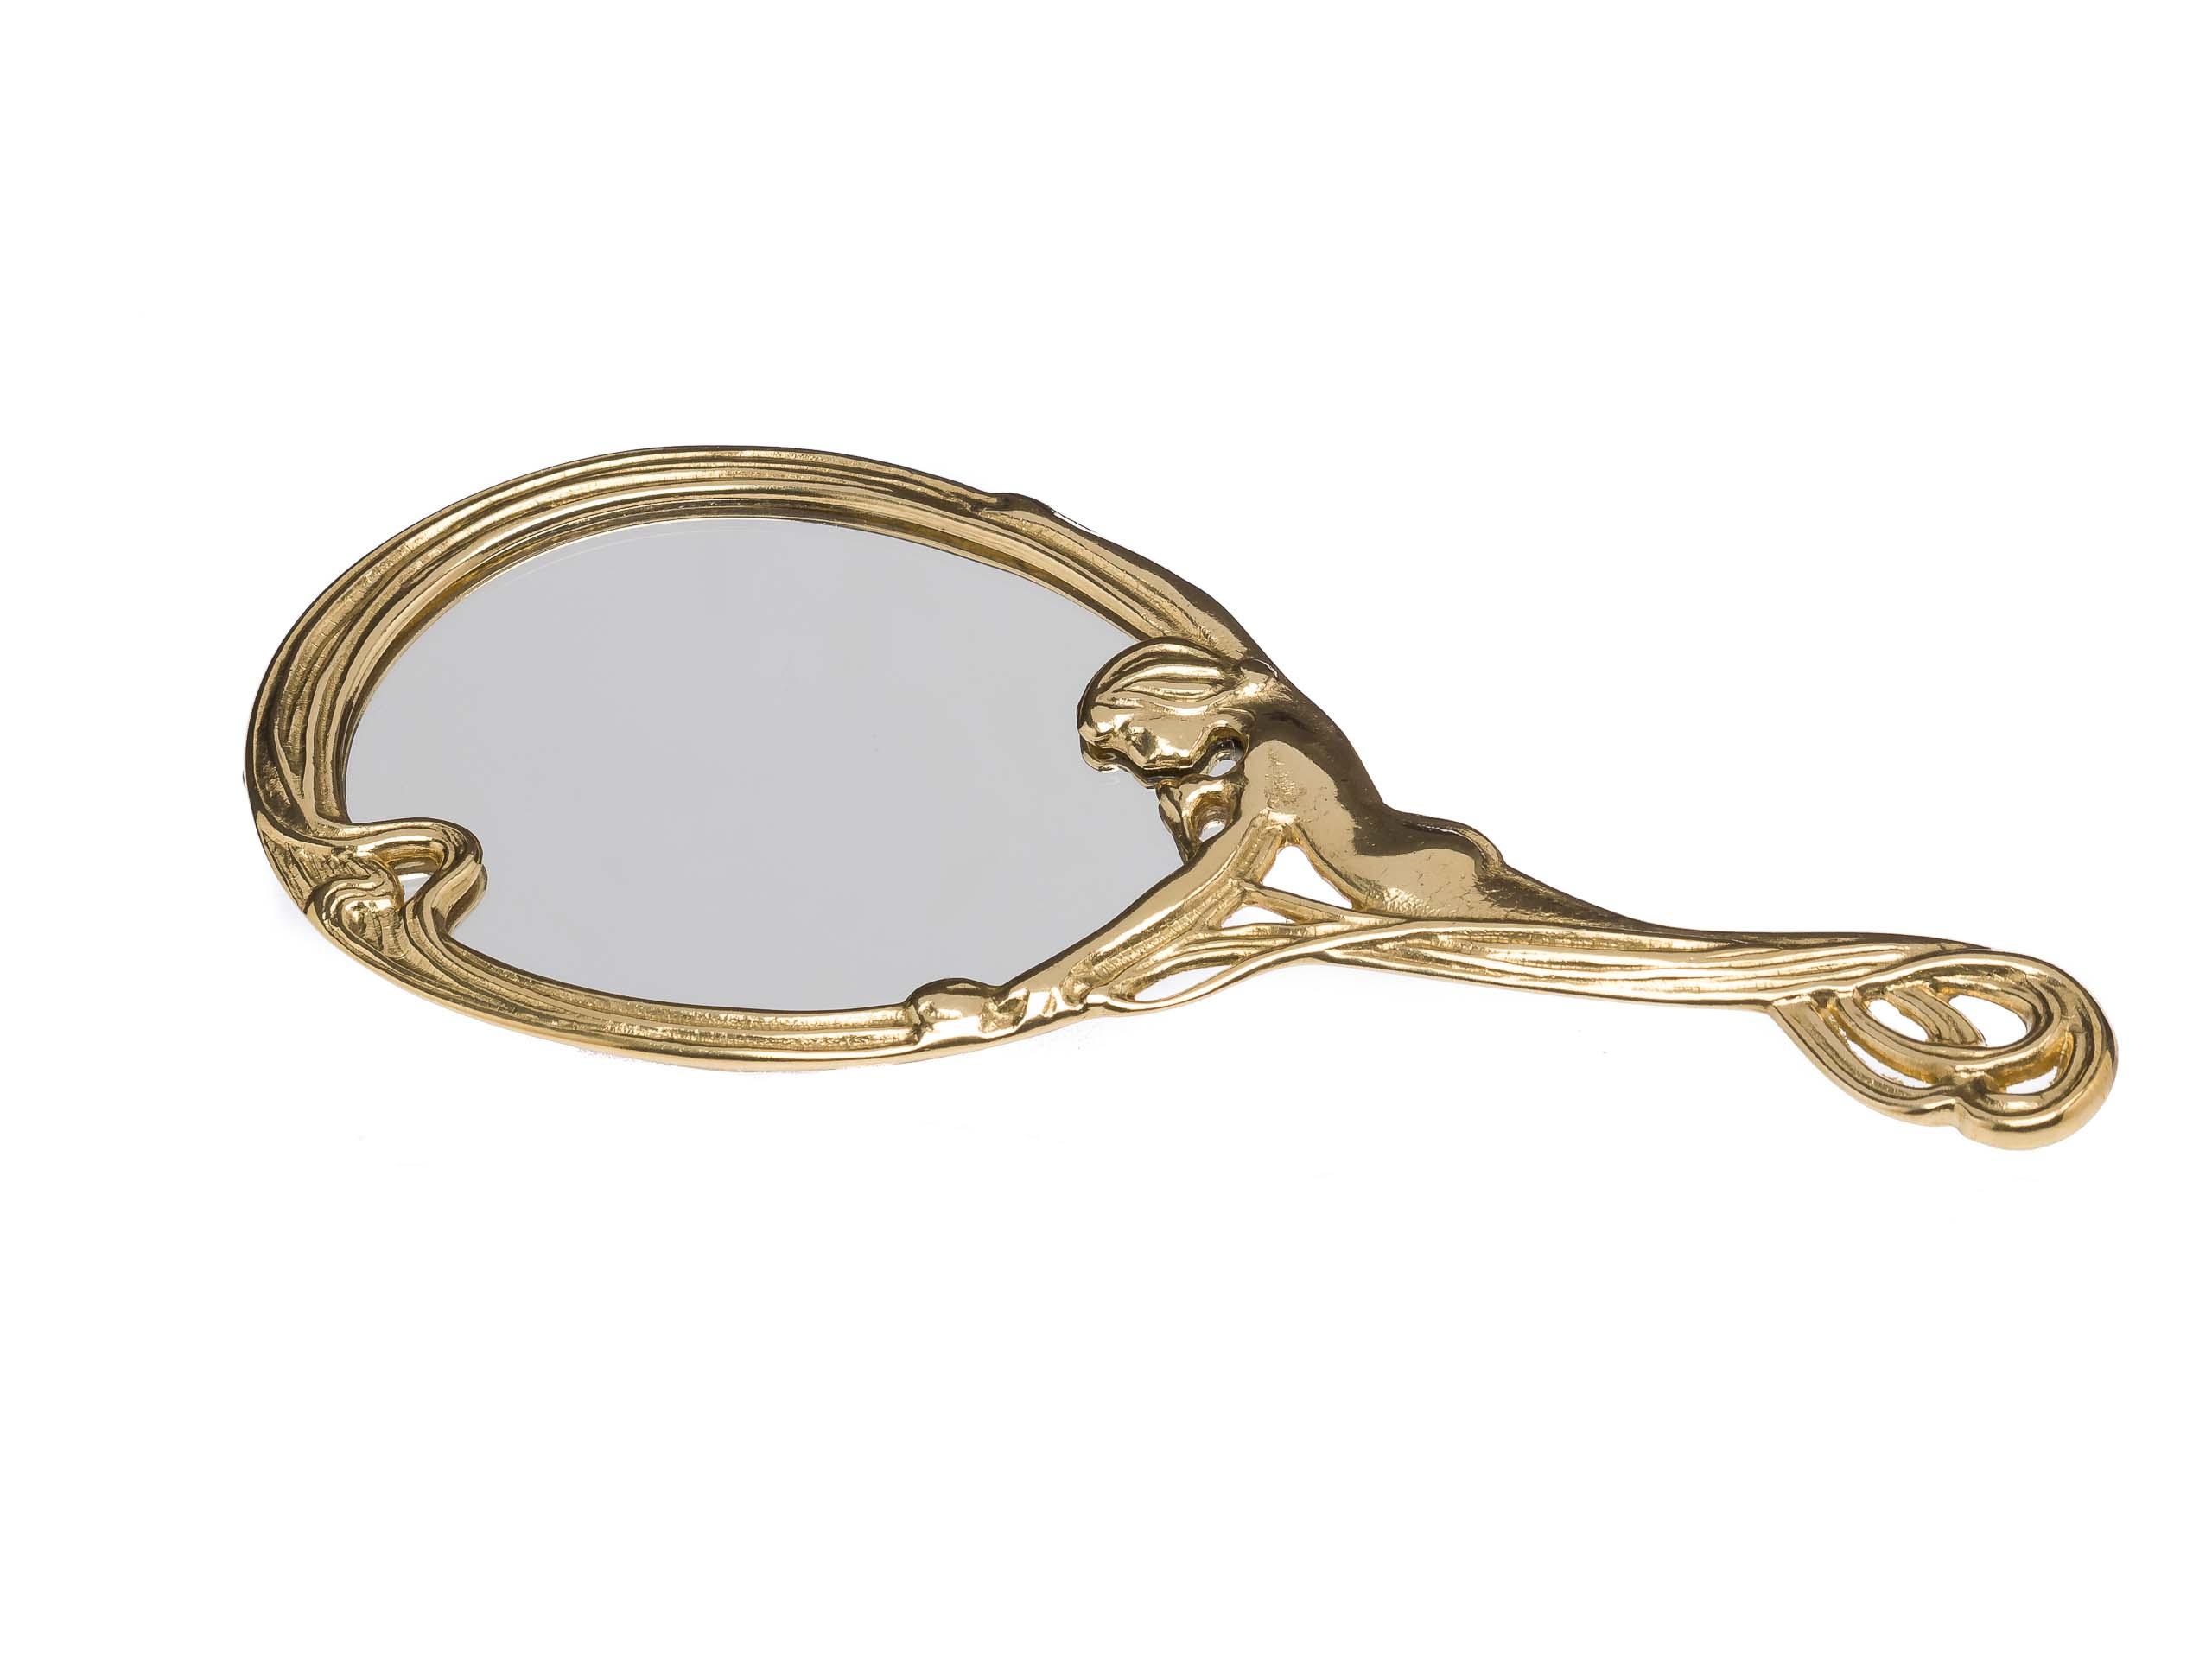 Porzellan Skulptur Dame Spiegel antik Stil Kosmetikspiegel Standspiegel mirror